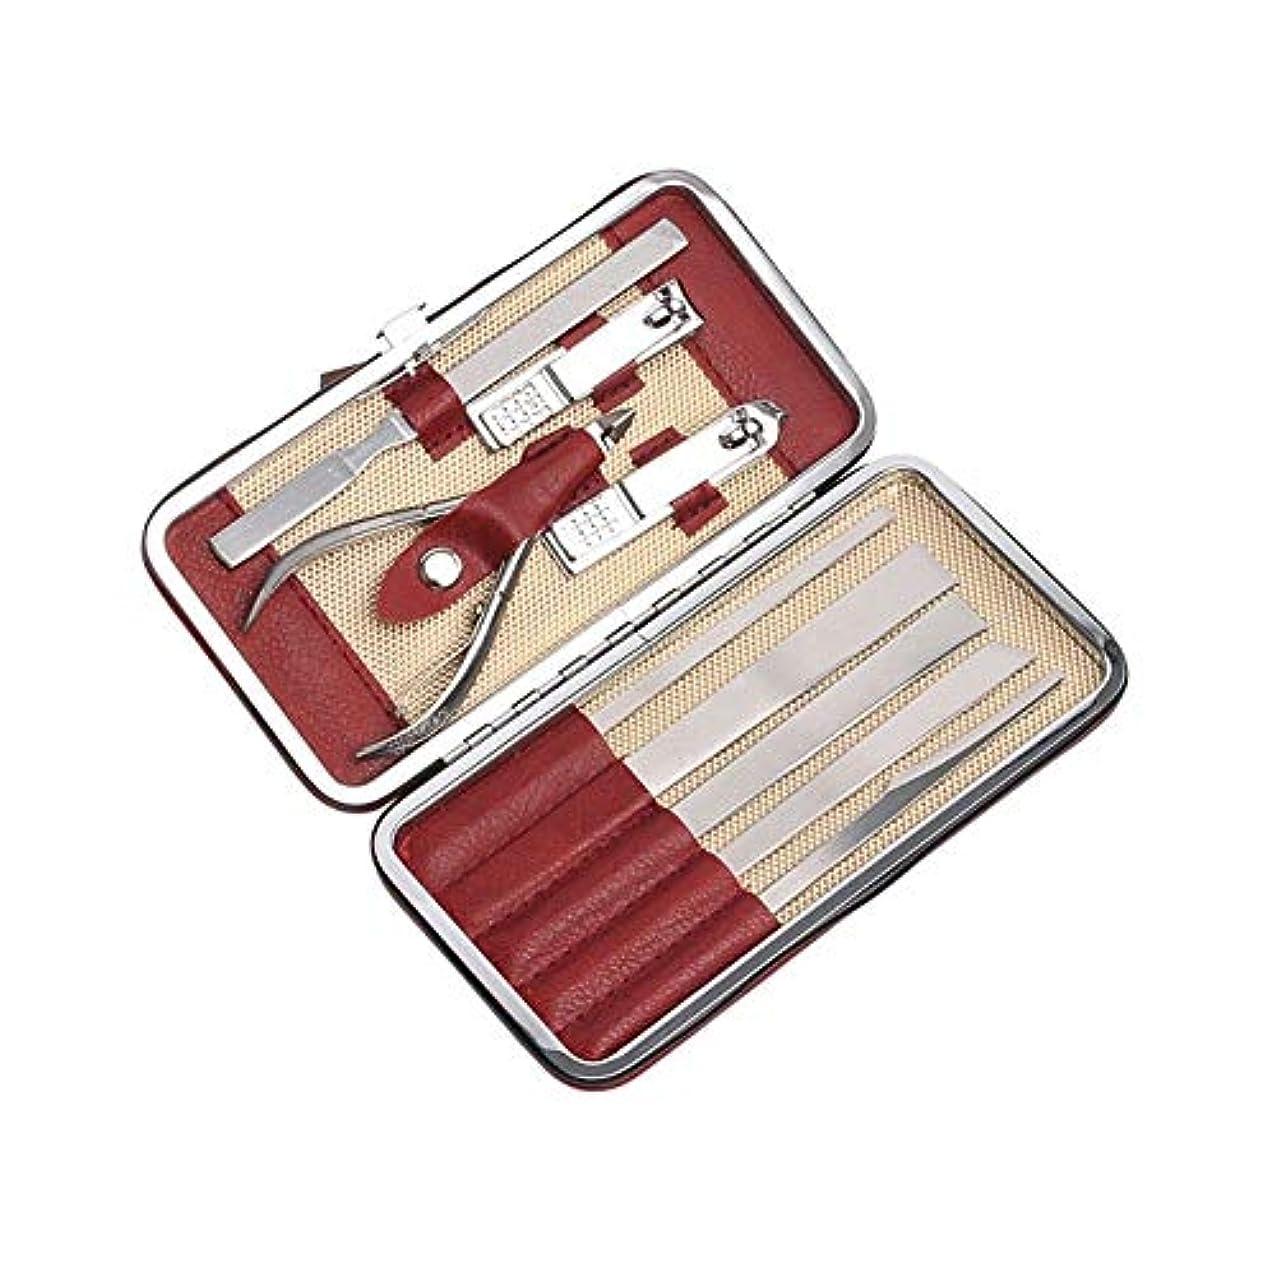 公平ゆり黄ばむZGSH プロのマニキュアツール、9の爪切りセット、シャープで耐久性のあるステンレス鋼 (Color : Silver)